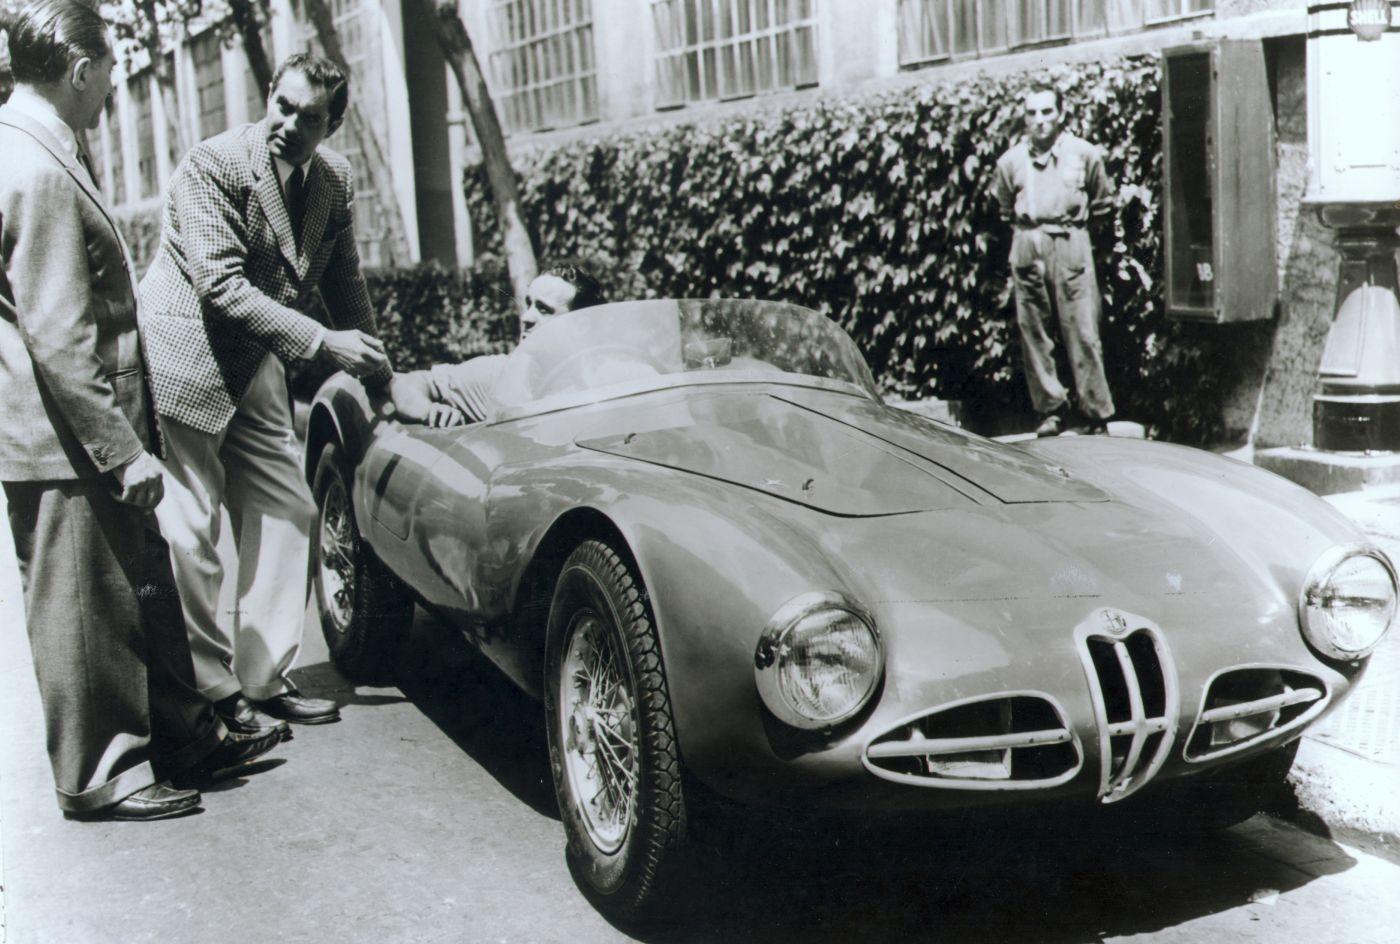 Alfa Romeo Disco Volante Fianchi Stretti